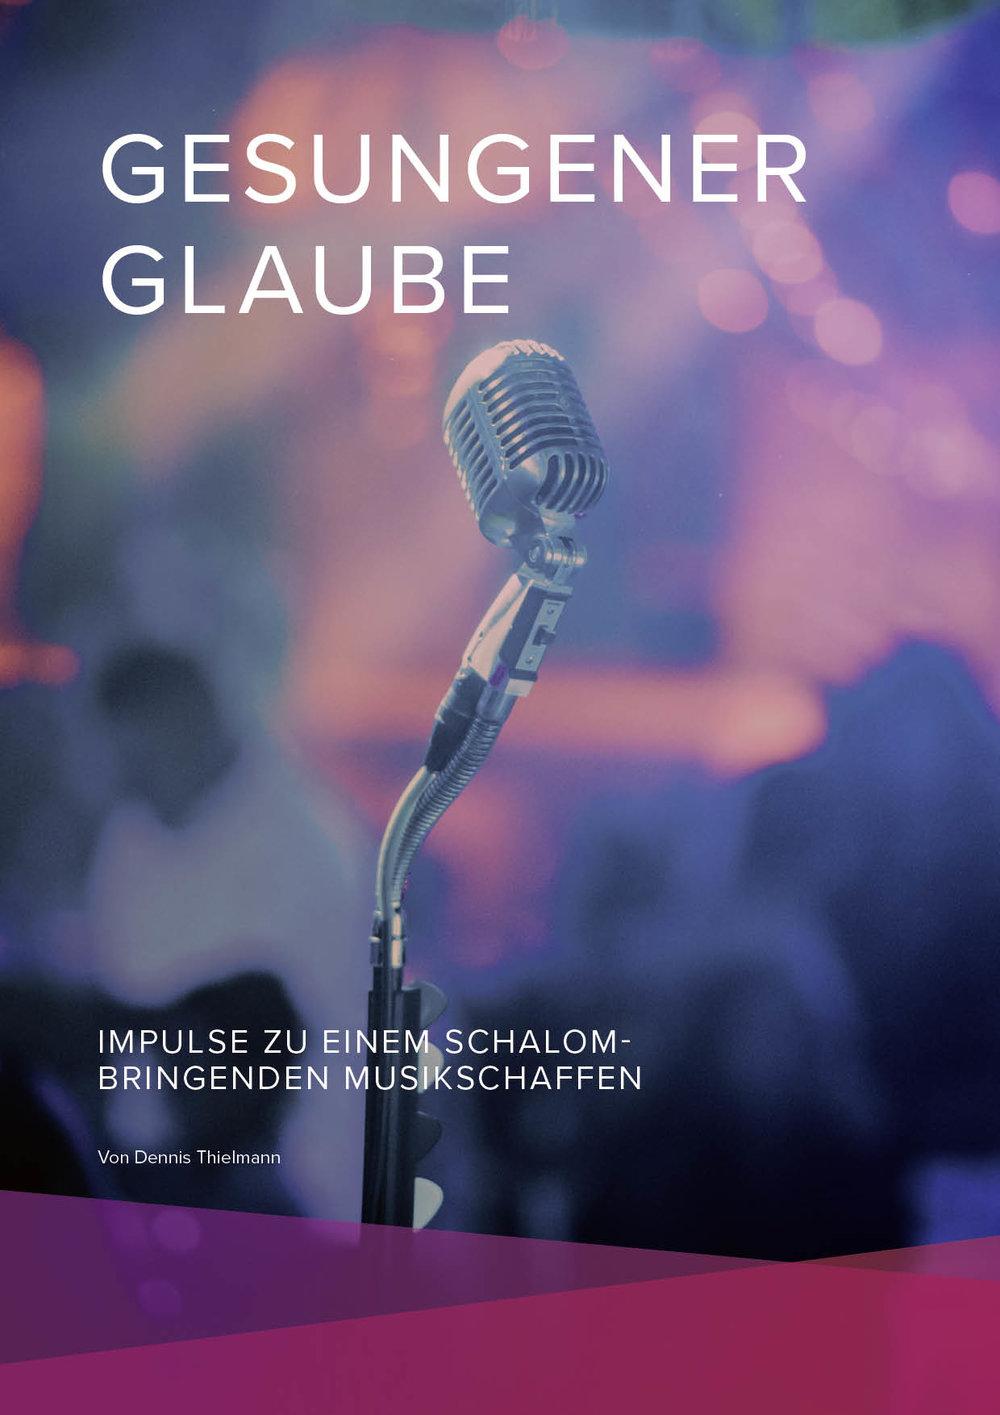 PDF-Download:  Gesungener Glaube , von Dennis Thielmann, erschienen im Bienenberg Magazin November 2017, Lesezeit: 15-20 Minuten